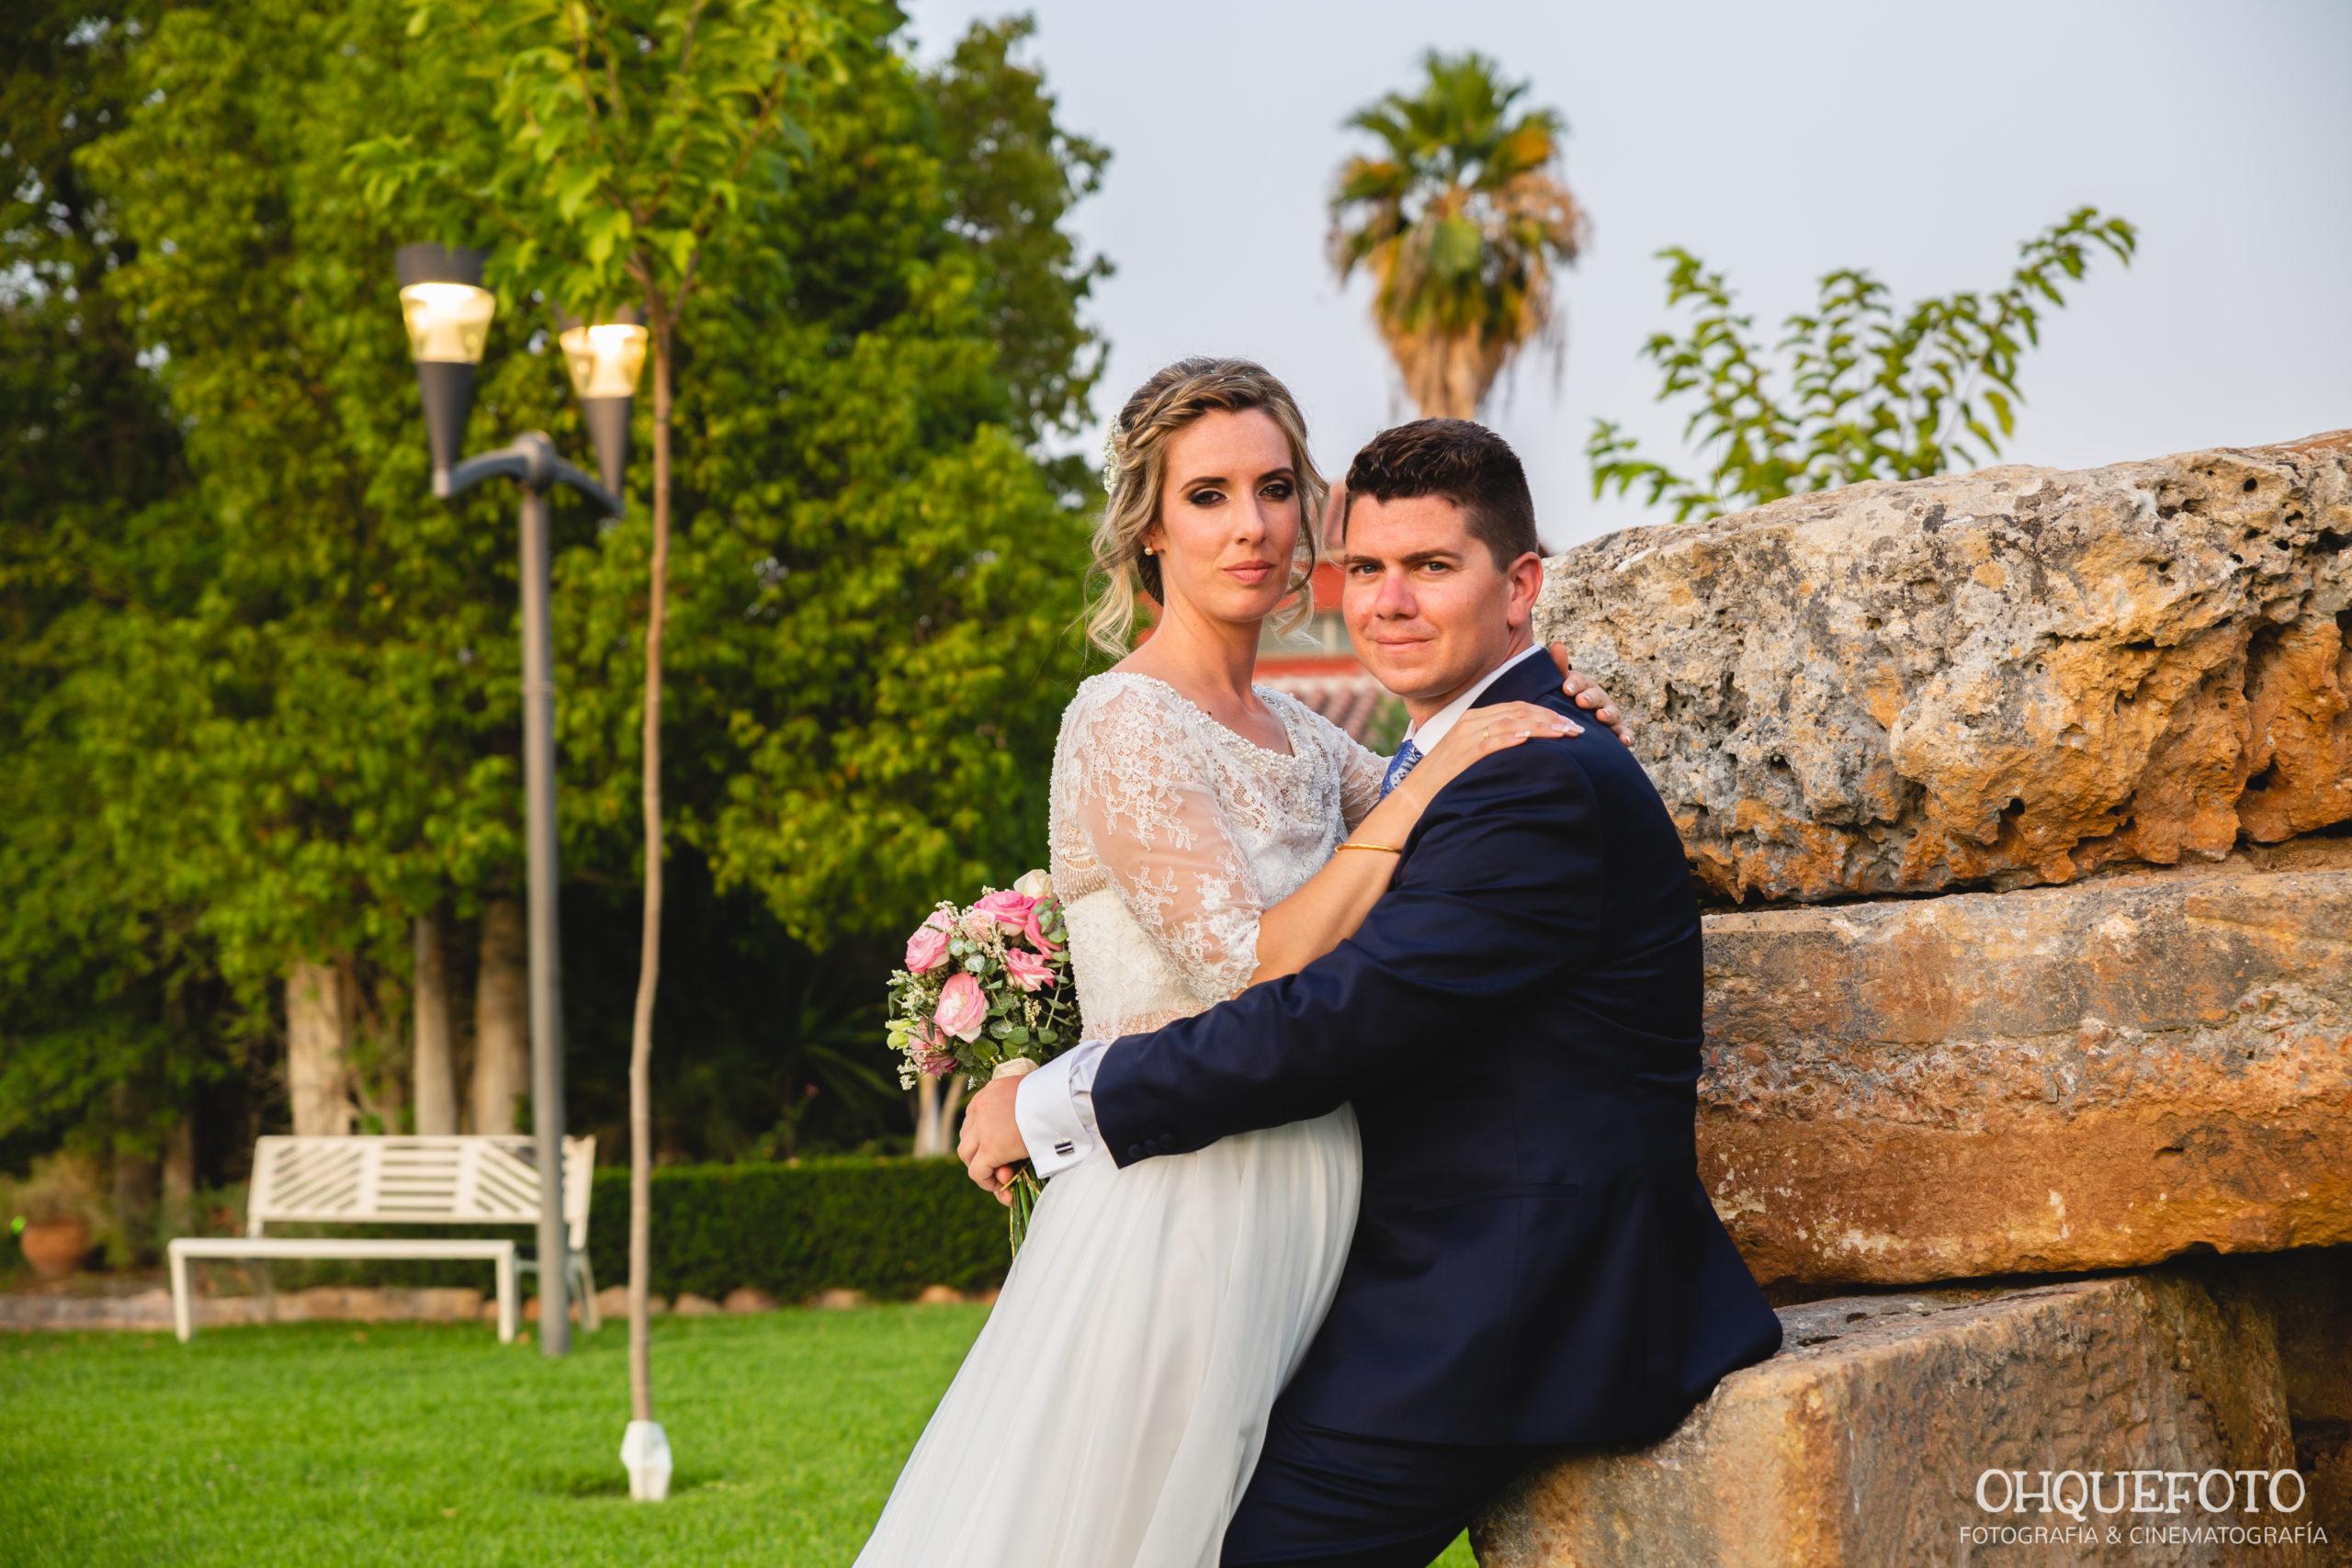 Boda-en-los-Jardines-del-Cardador-cordoba-reportaje-de-bodas6